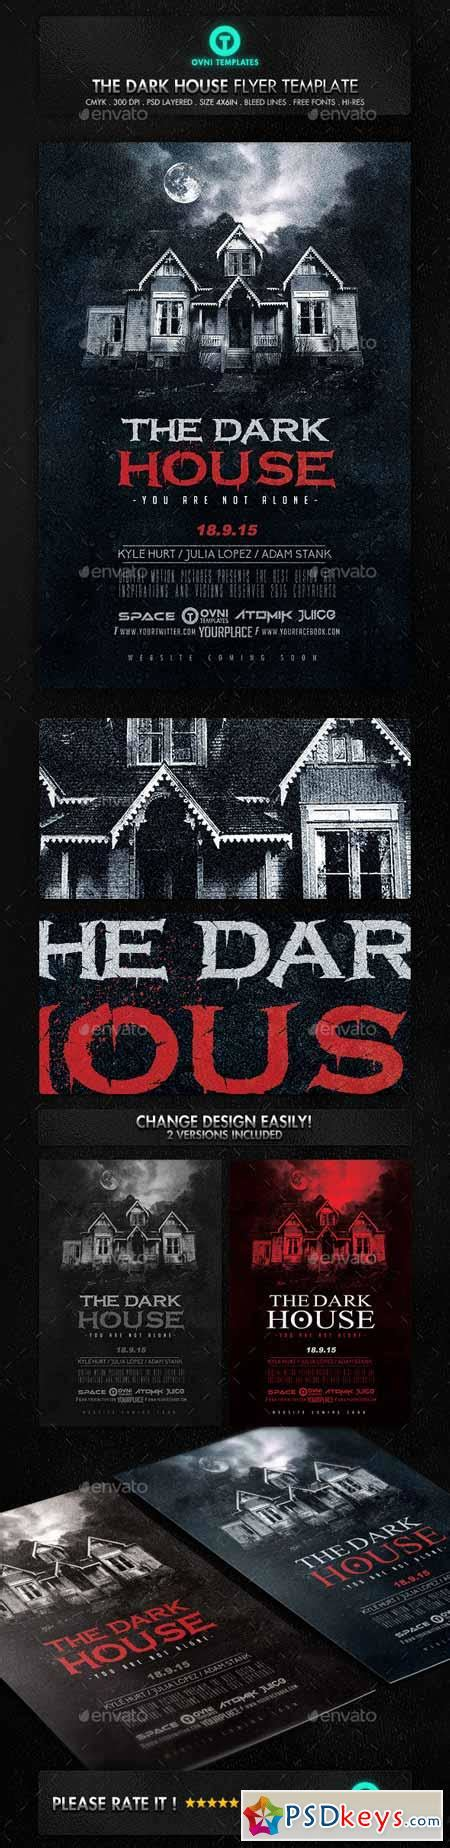 dark house movie dark terror house flyer movie poster 12935923 187 free download photoshop vector stock